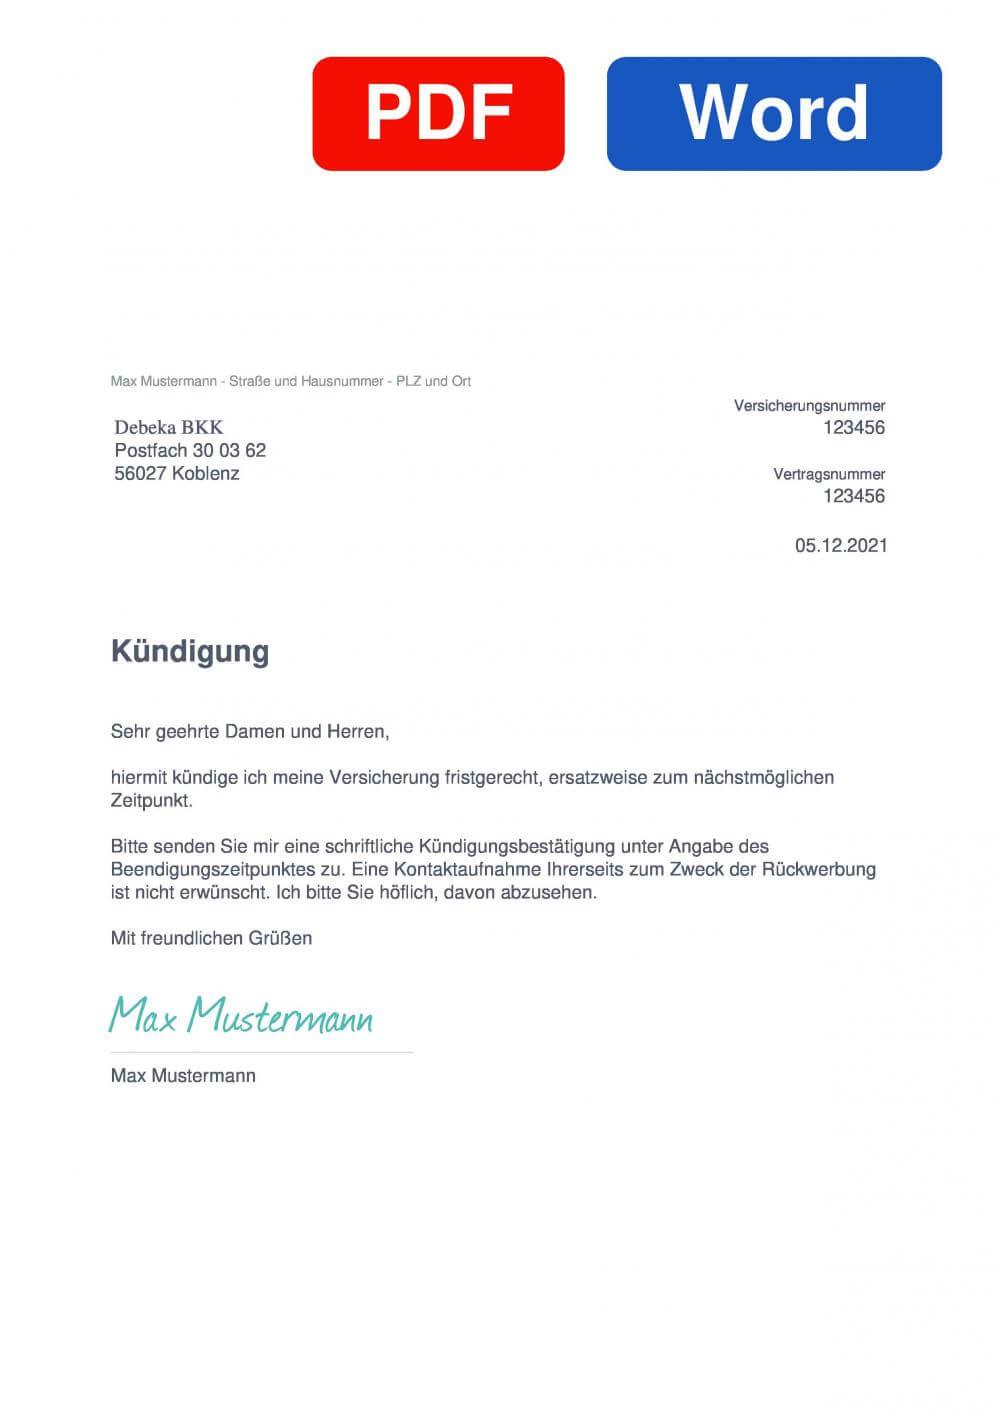 Debeka BKK Muster Vorlage für Kündigungsschreiben